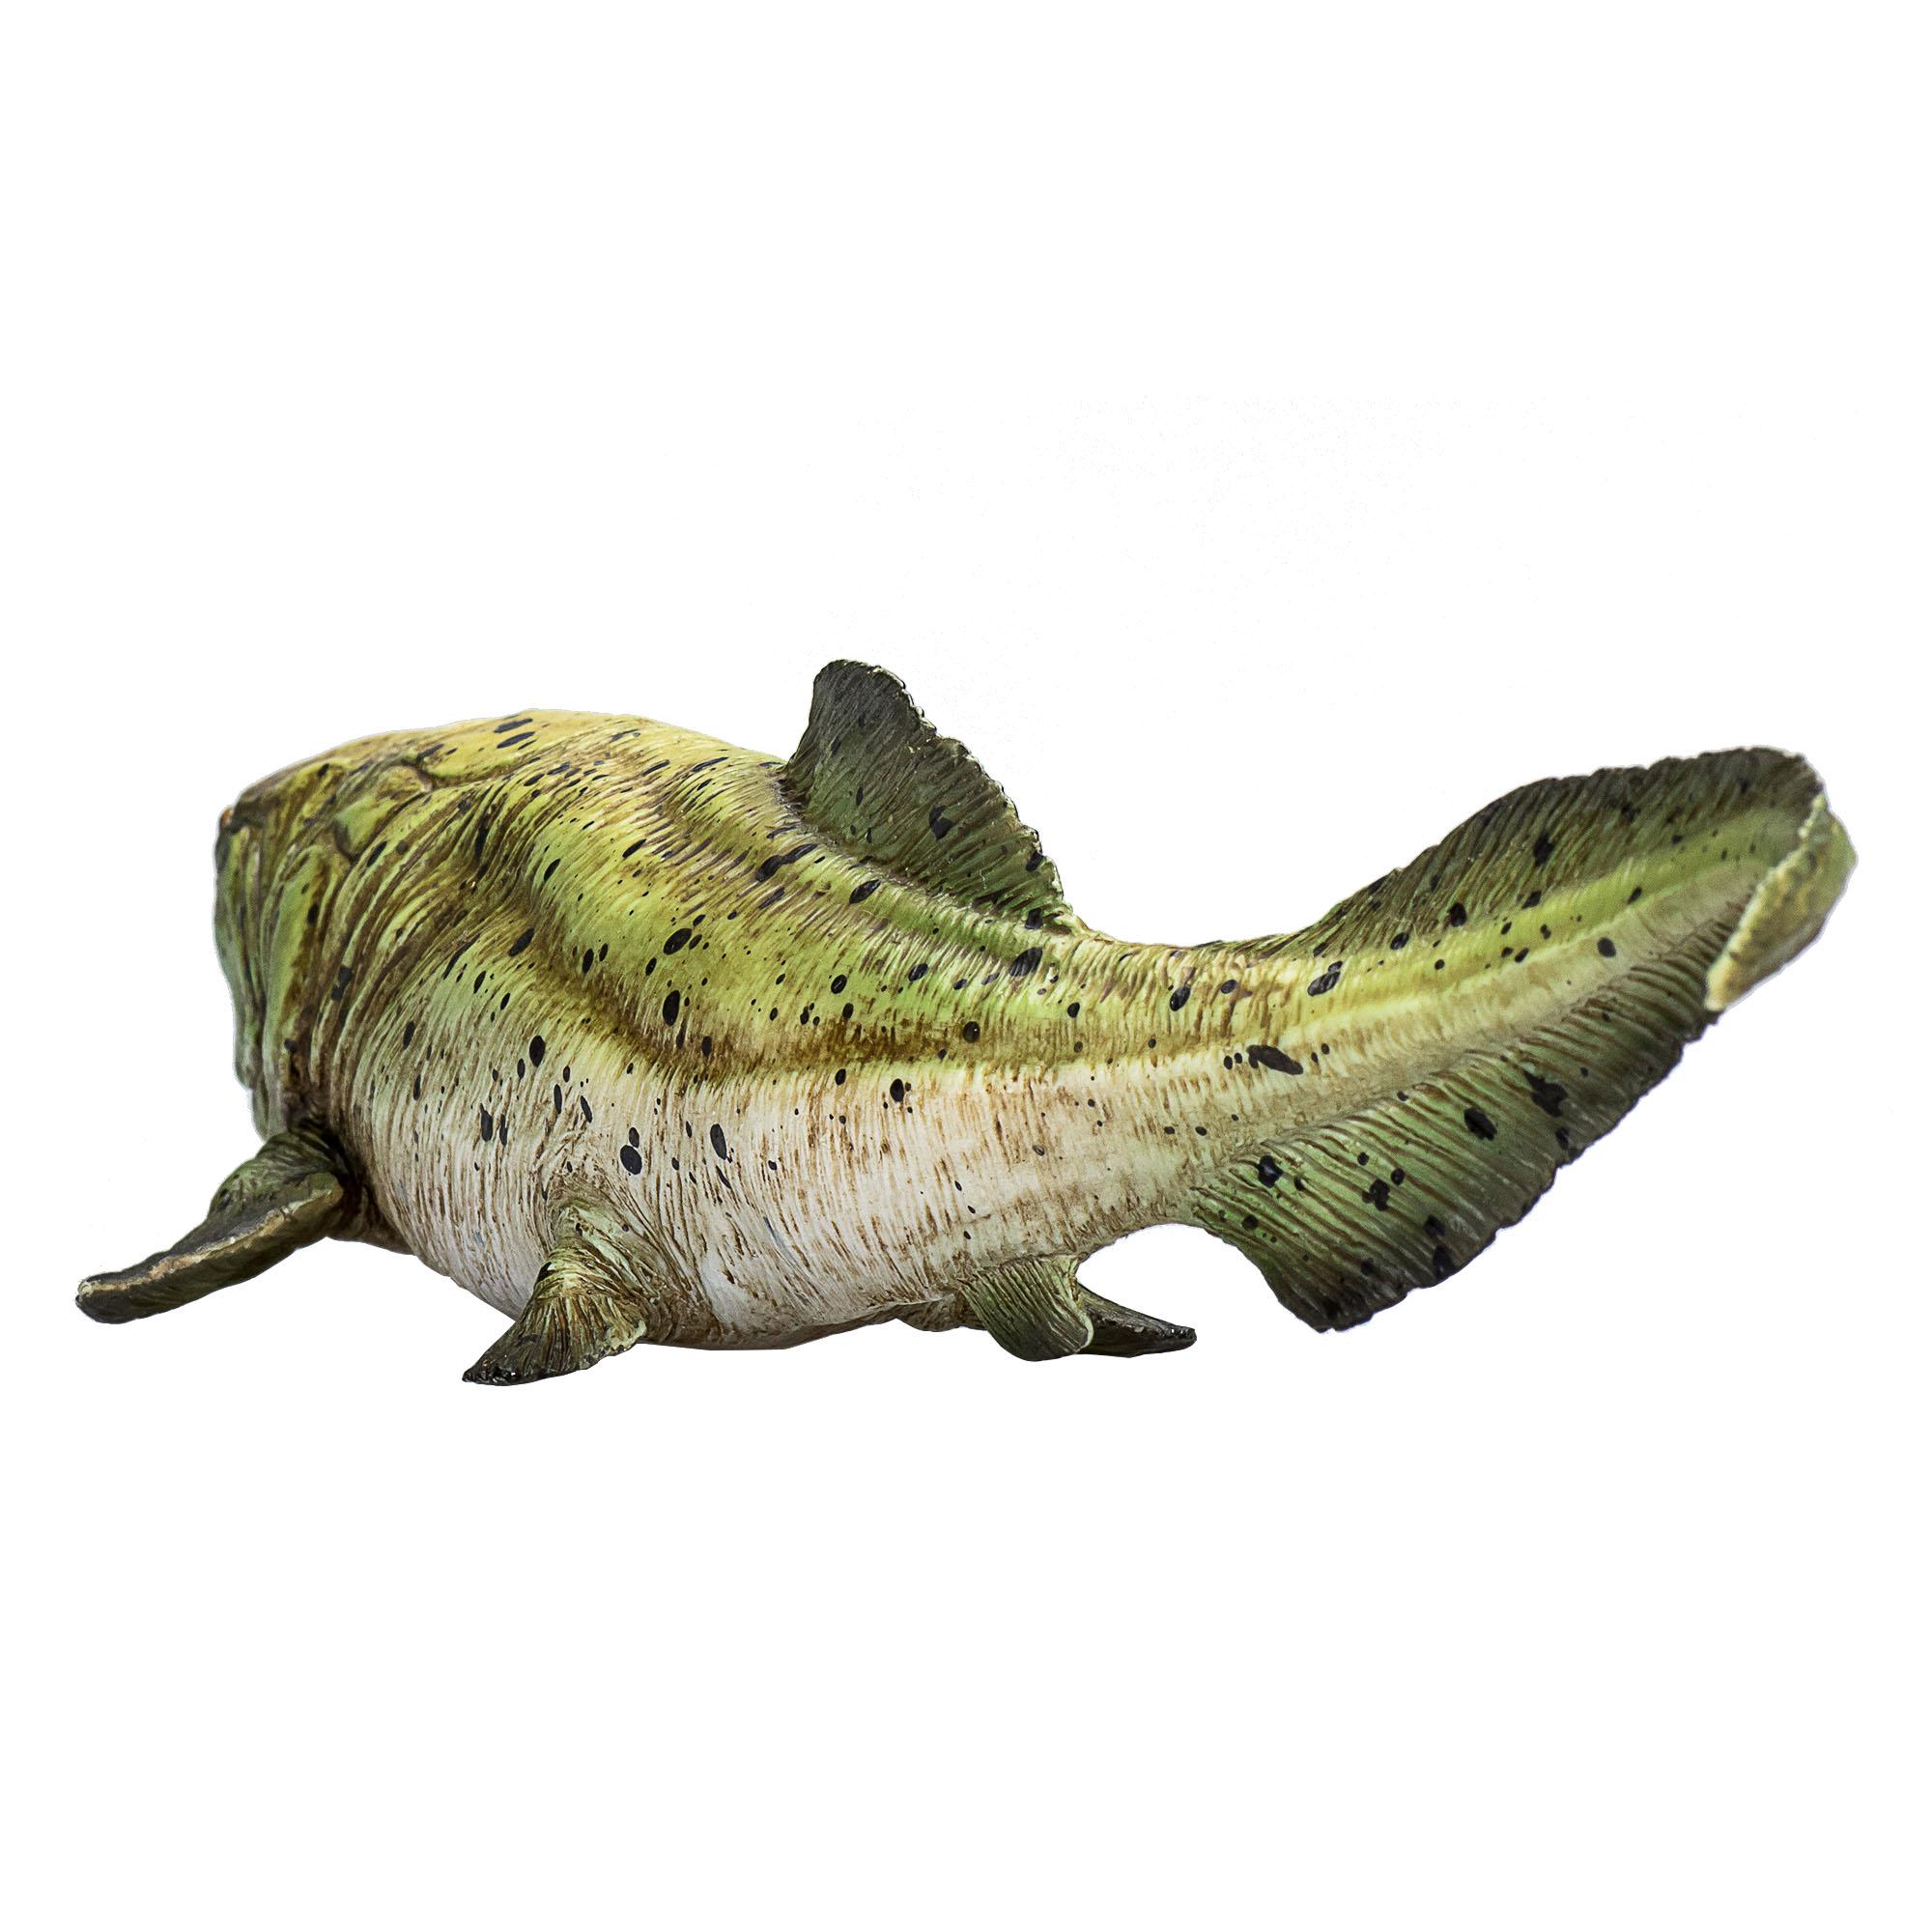 Figurina dunkleosteus mojo - 2